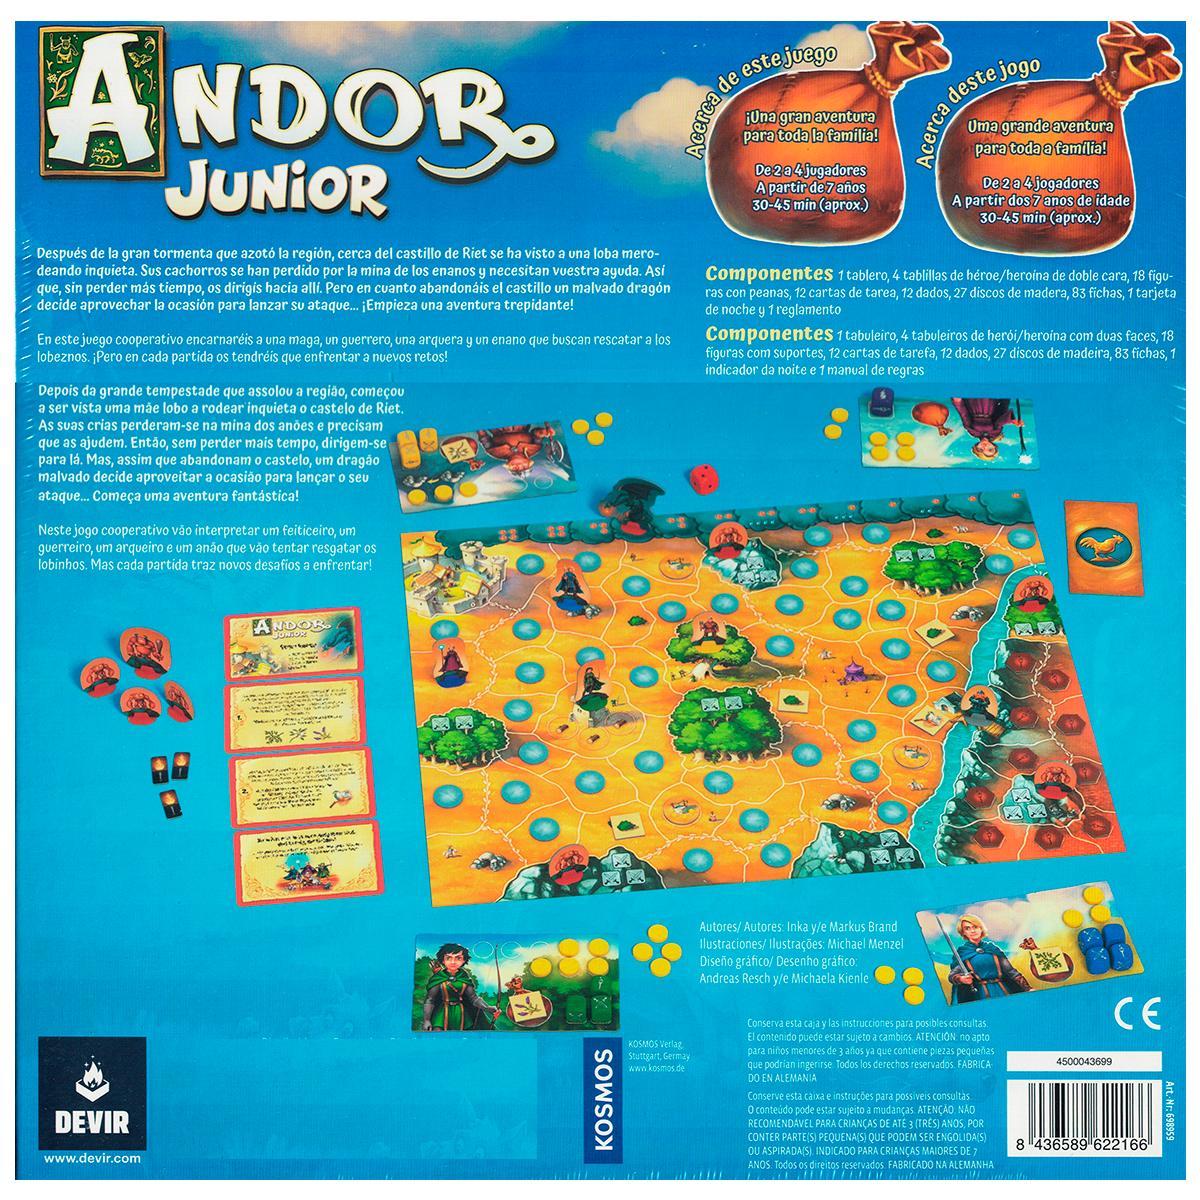 Andor Junior Jogo de Tabuleiro Devir